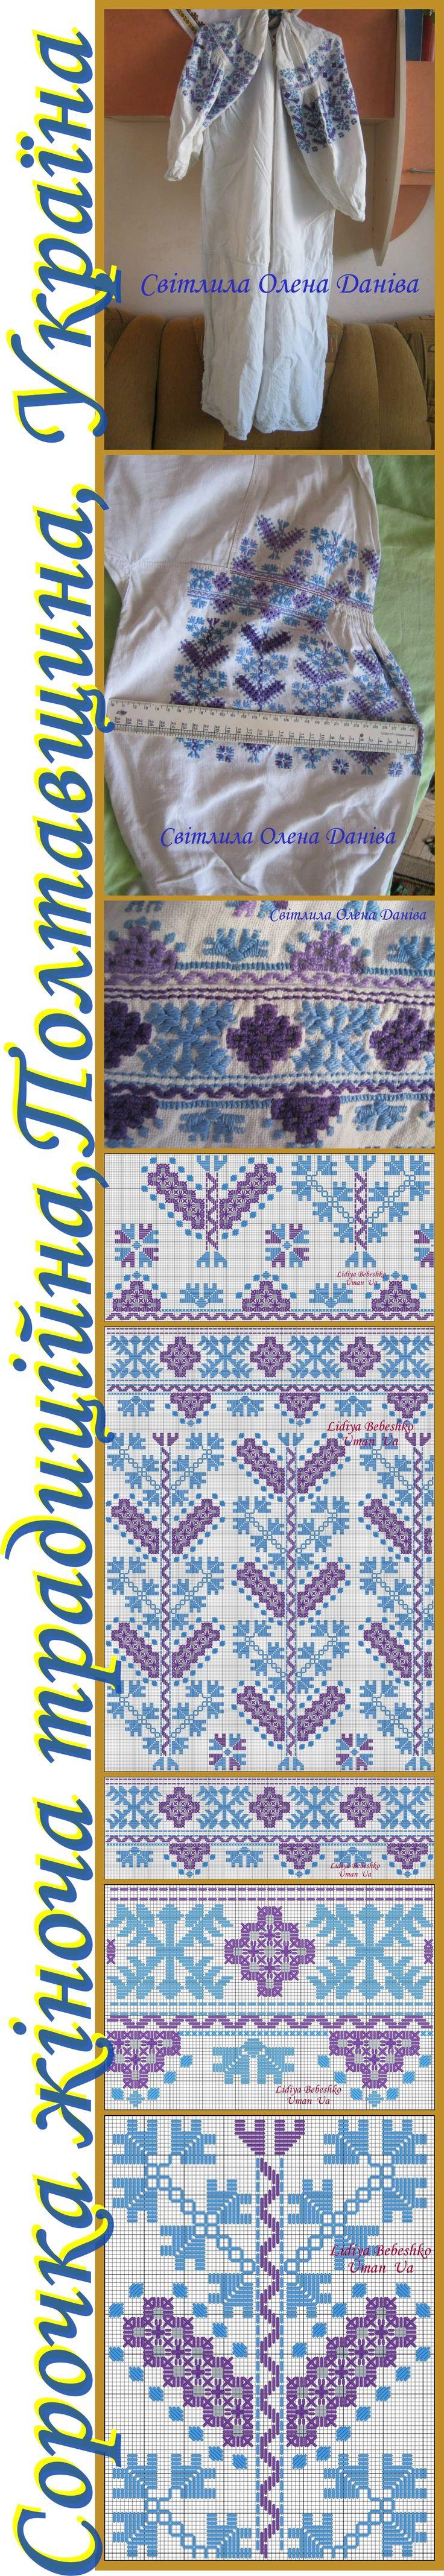 Нарукавна вишивка жіночої сорочки з Полтавщини, Україна.